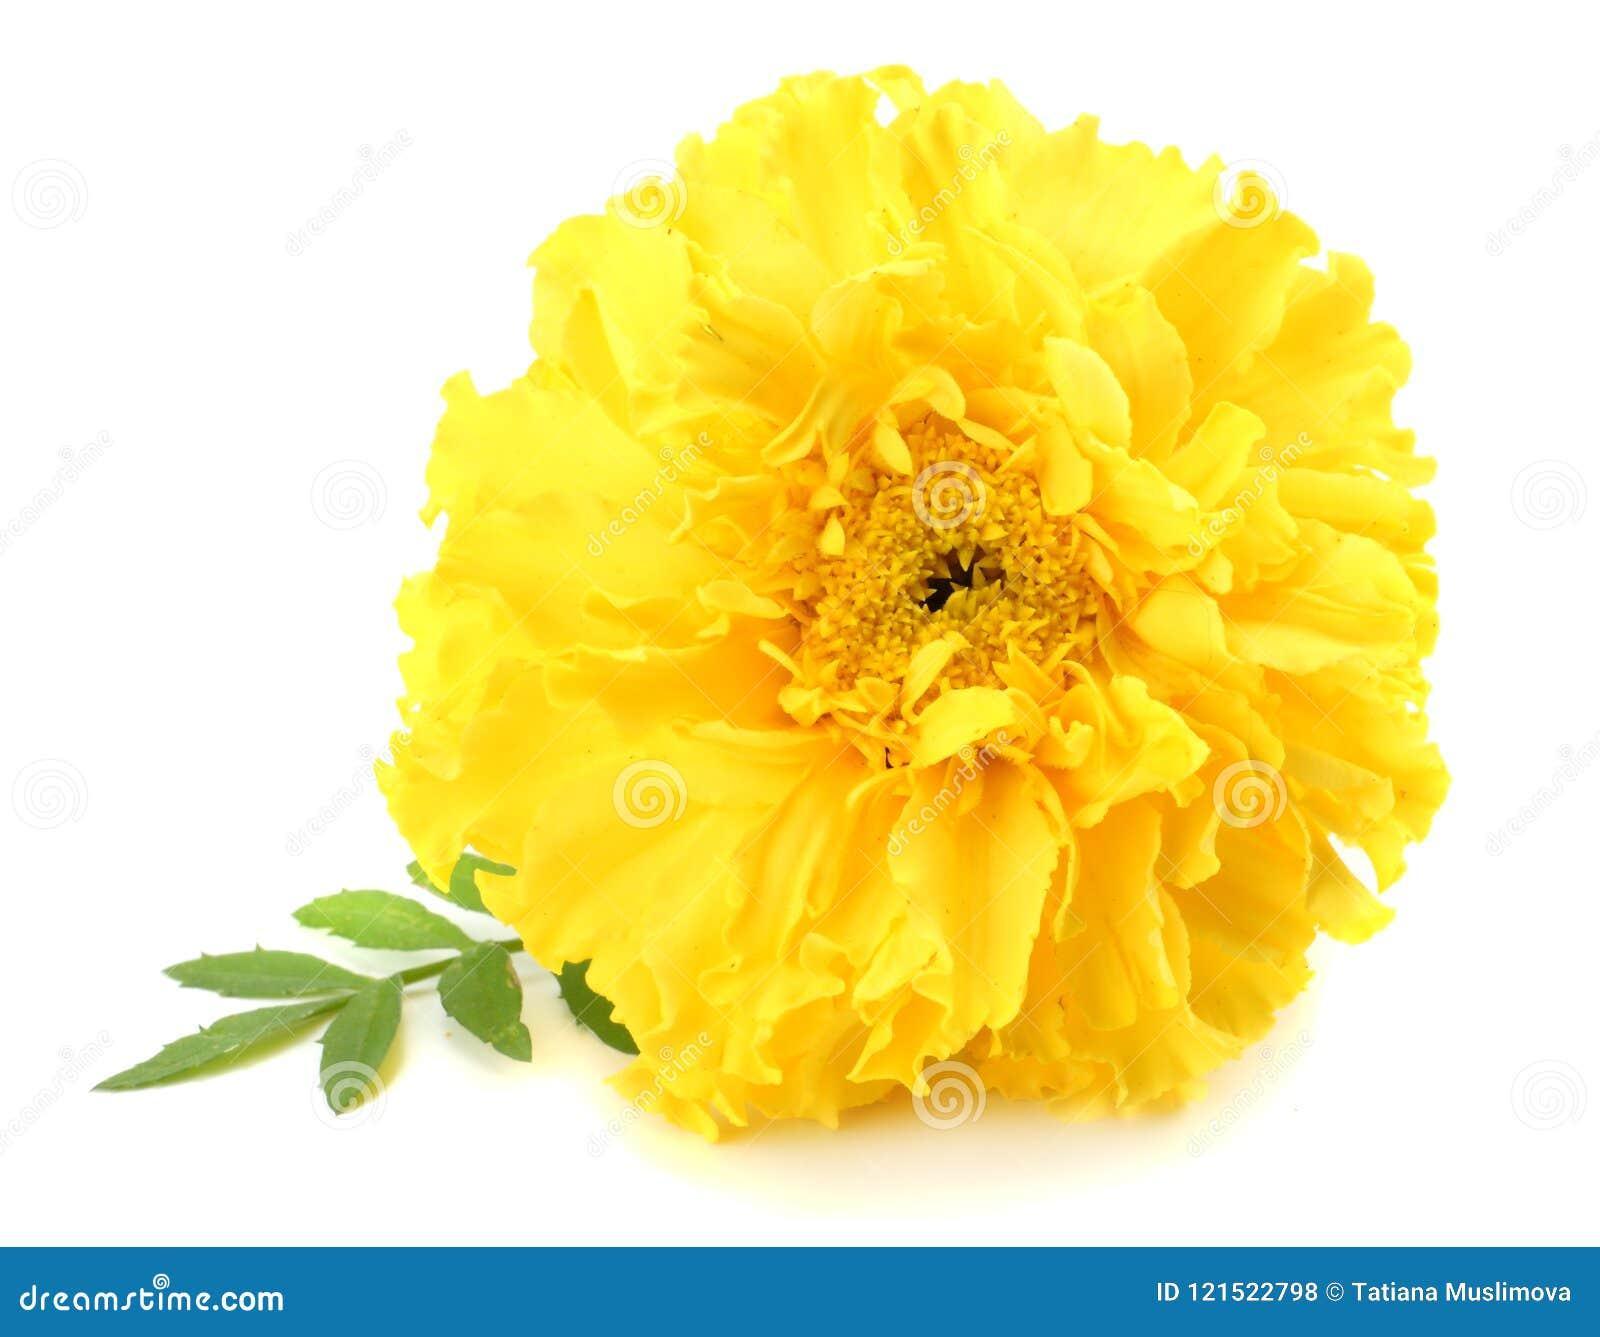 Fiore giallo del tagete, erecta di tagetes, tagete messicano, tagete azteco, tagete africano isolato su fondo bianco